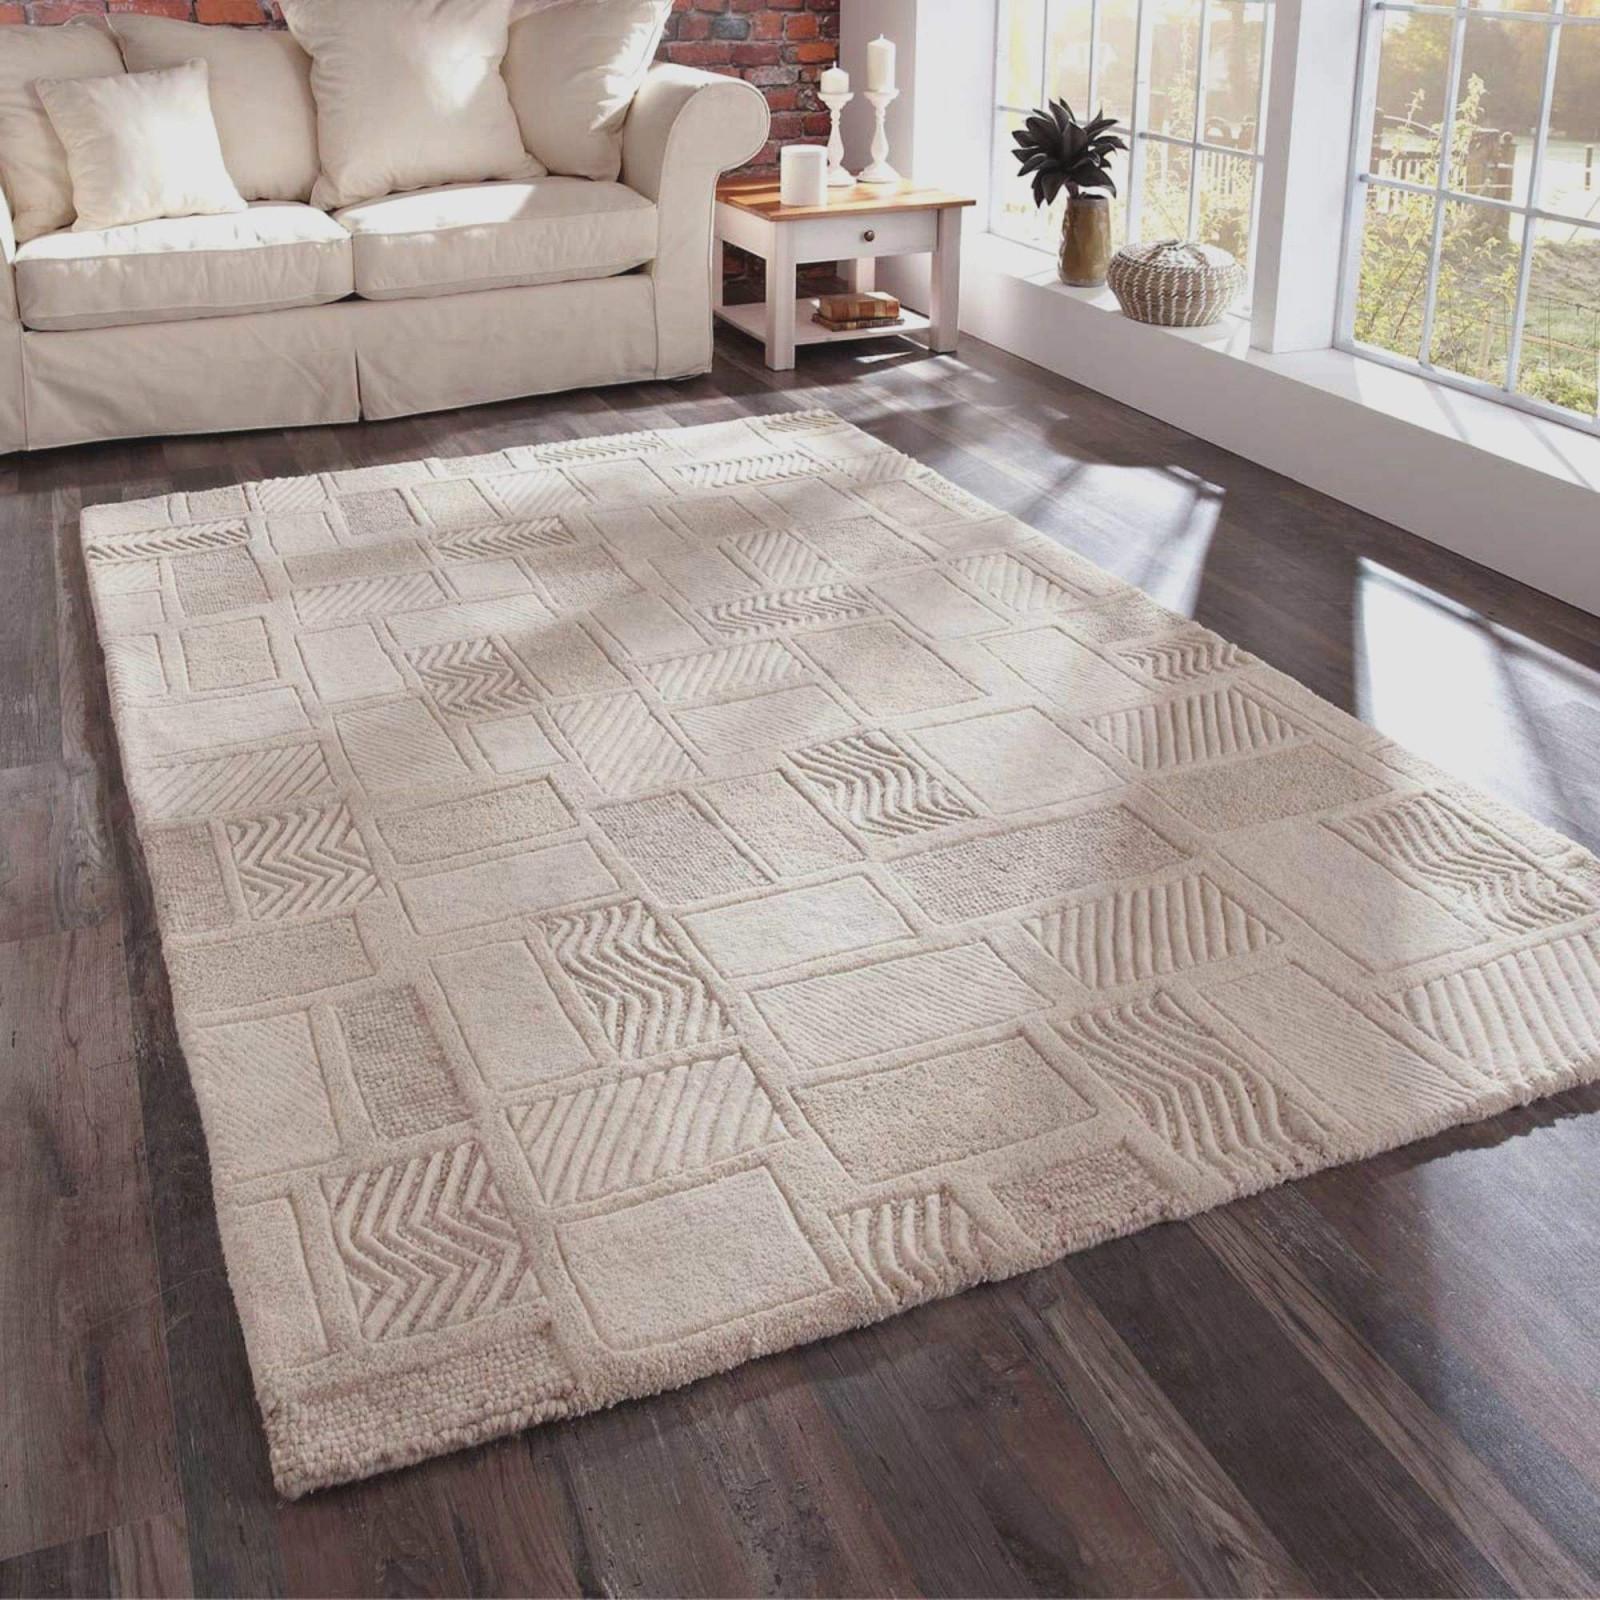 31 Elegant Wohnzimmer Teppich 200×300 Reizend  Wohnzimmer von Teppich Wohnzimmer 200X300 Bild